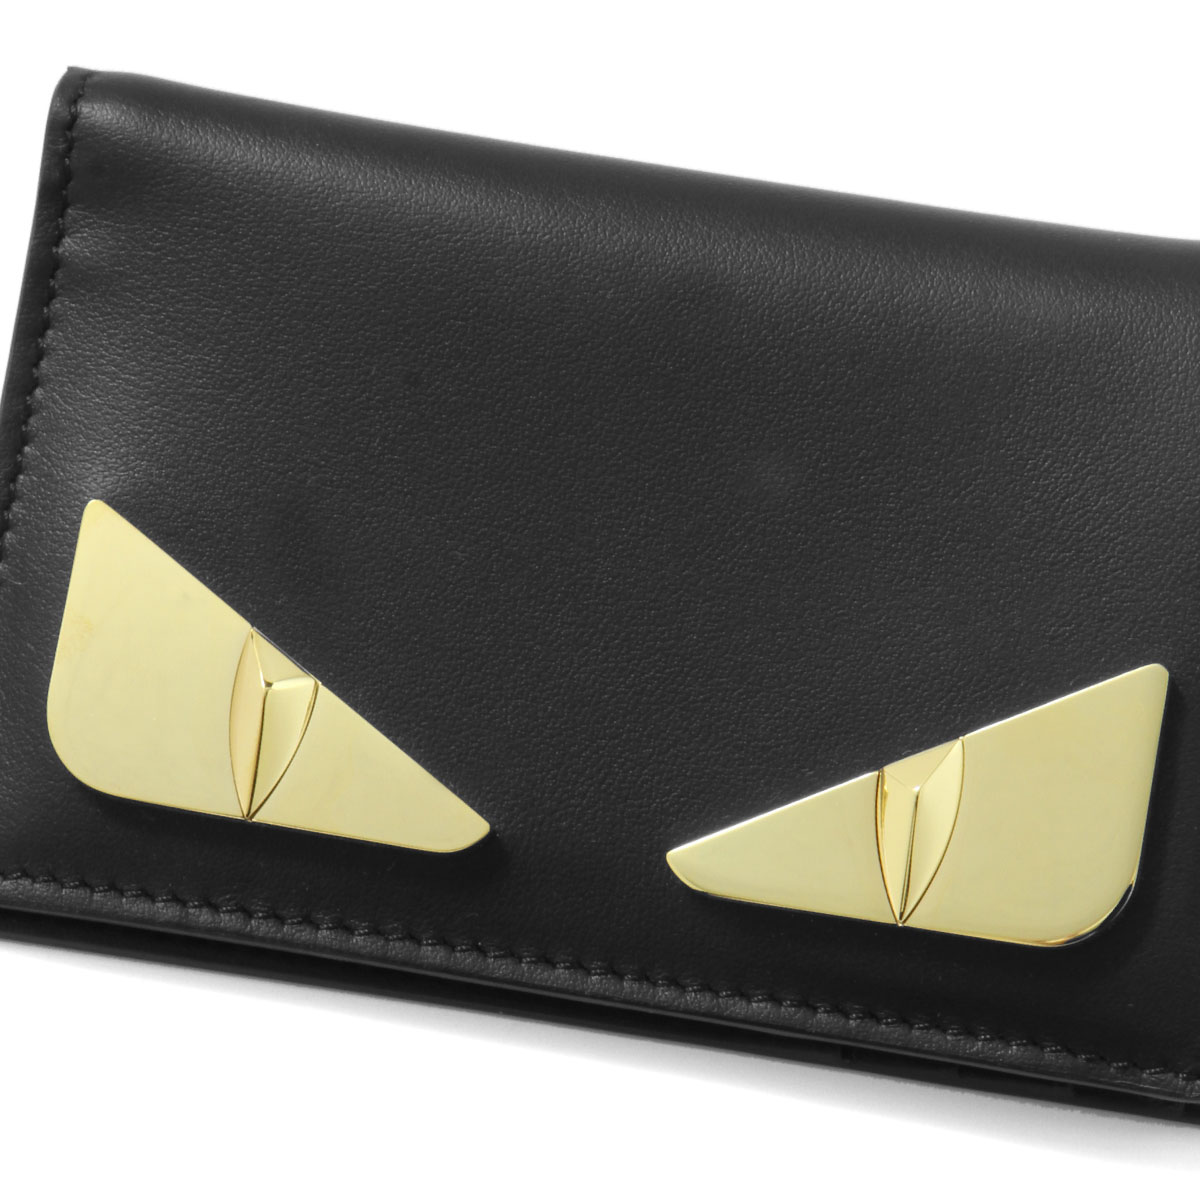 FENDI フェンディ | カードケース | BAG BUGS バッグ バグズ